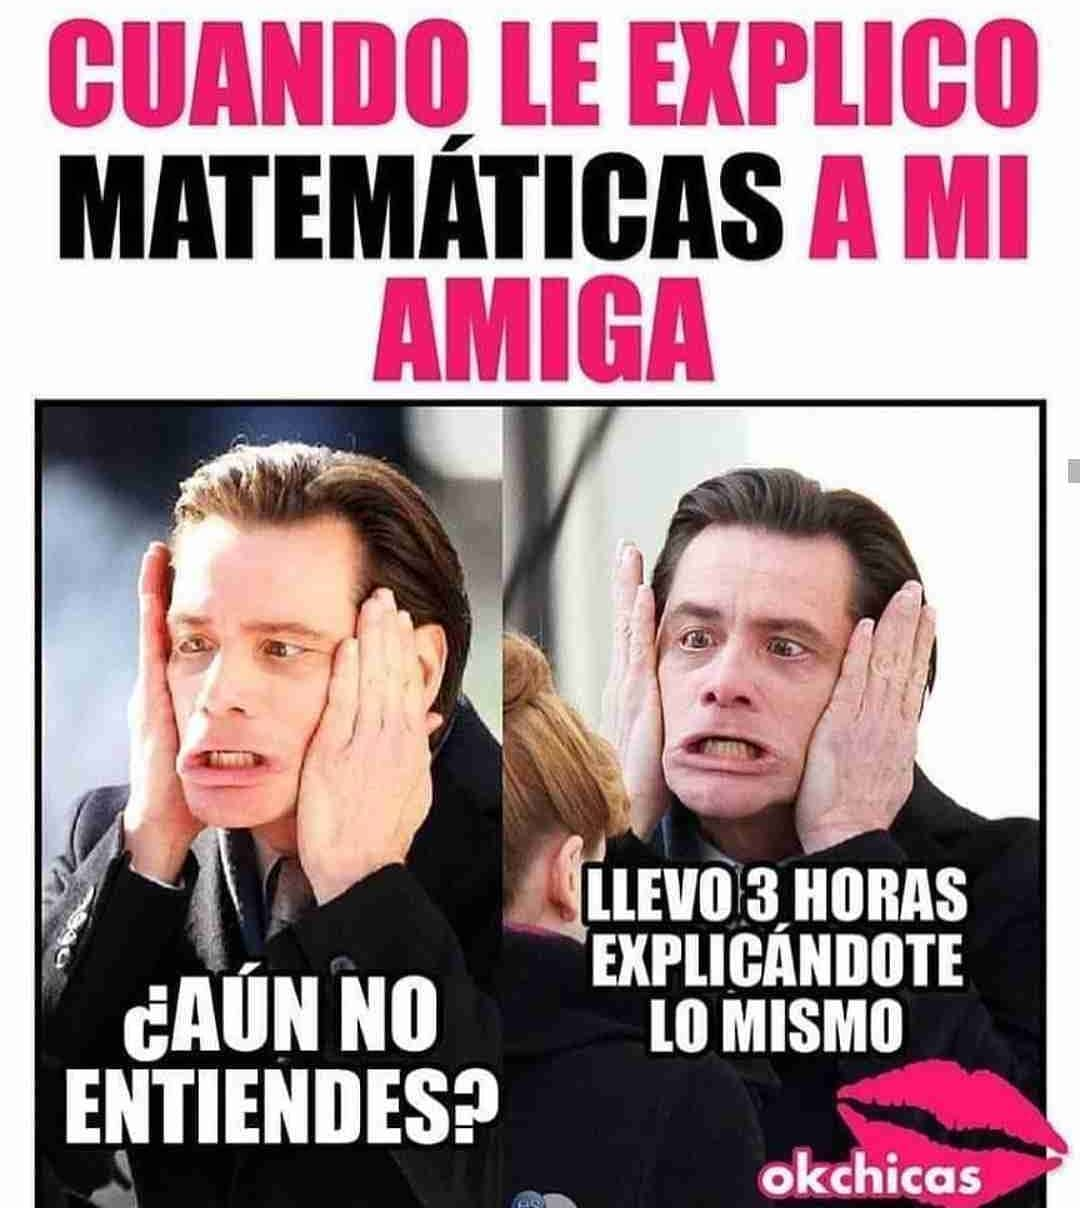 Cuando le explico matemáticas a mi amiga.  ¿Aún no entiendes? Llevo 3 horas explicándote lo mismo.